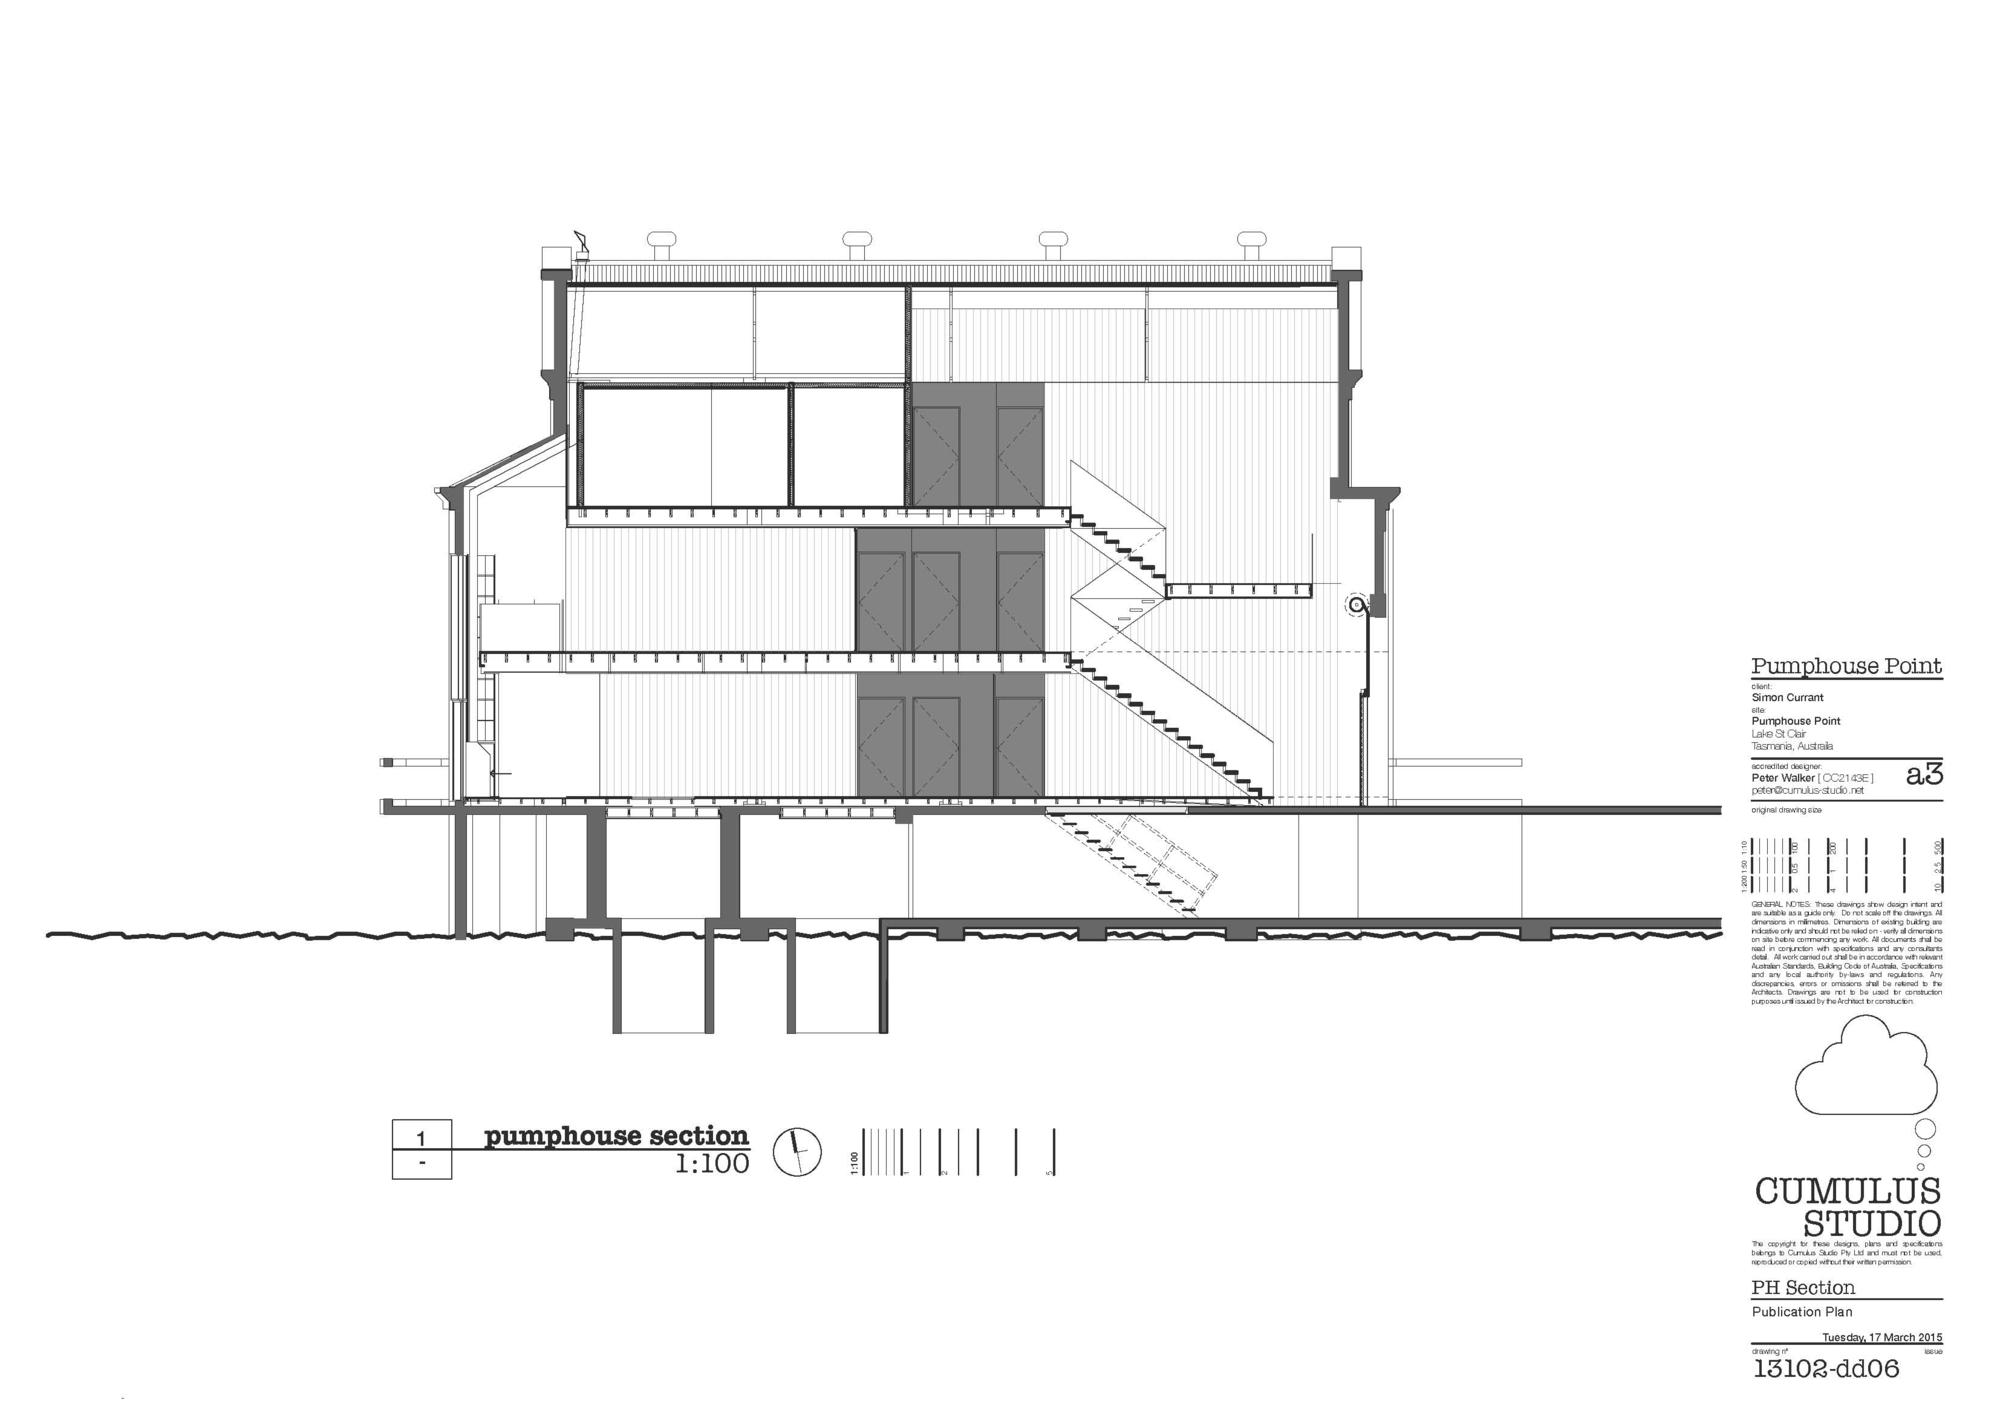 Pumphouse_Point-Cumulus_Studio-35.png